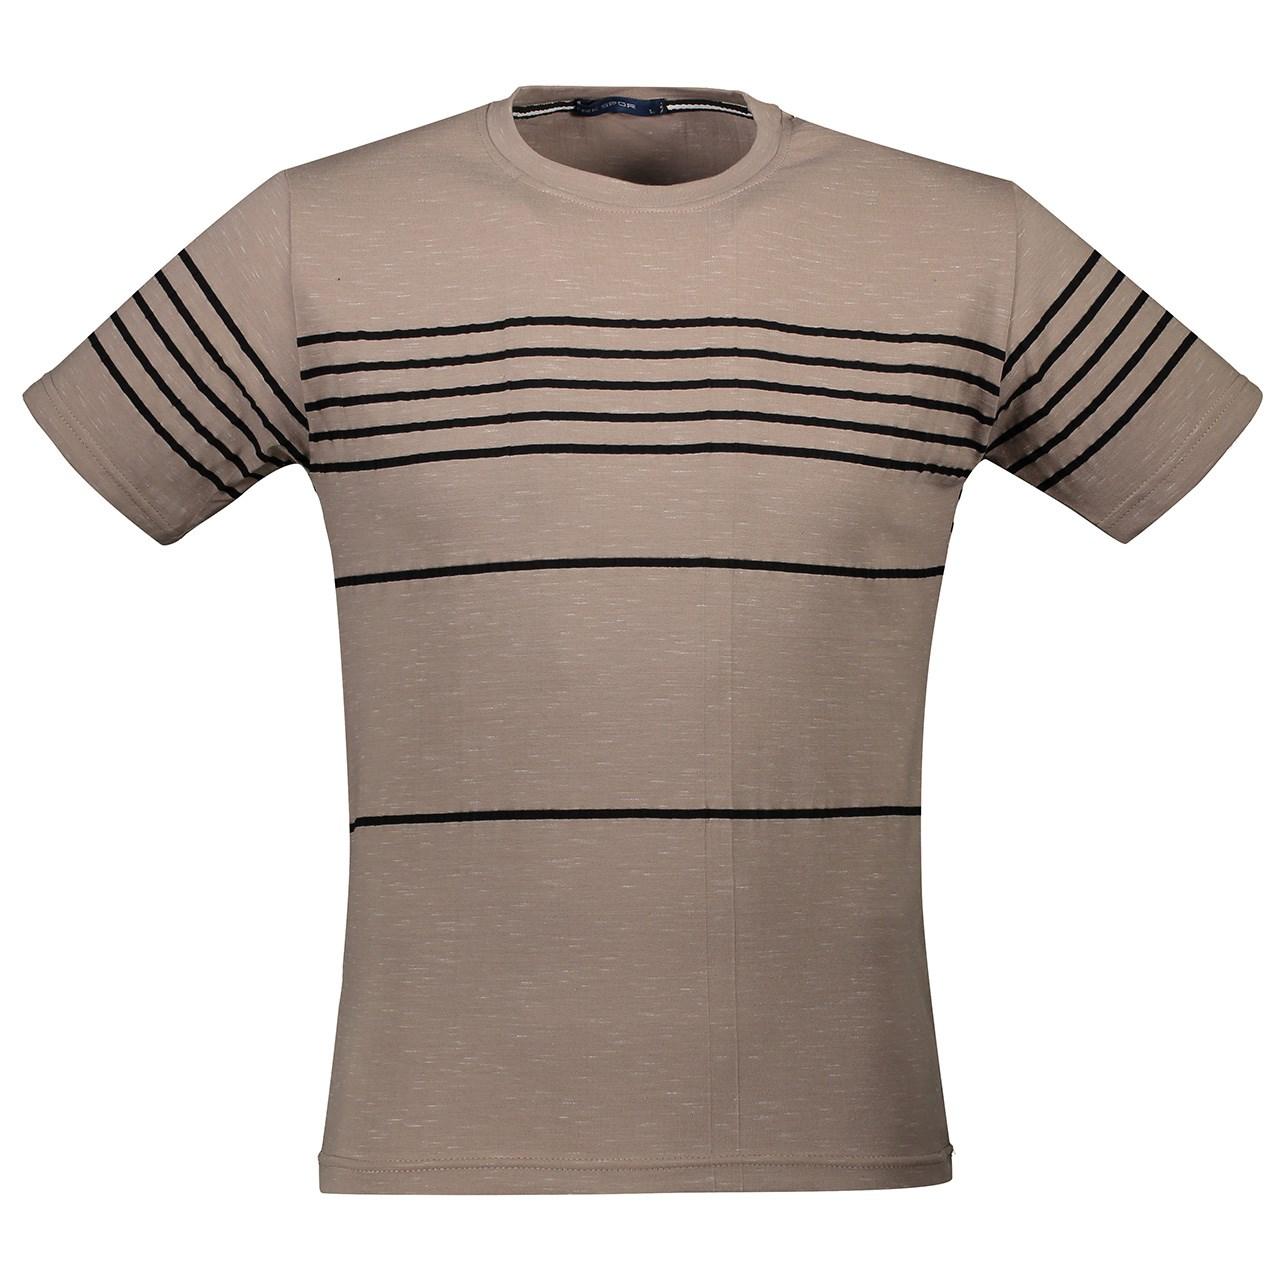 تی شرت آستین کوتاه مردانه تارکان کد 210